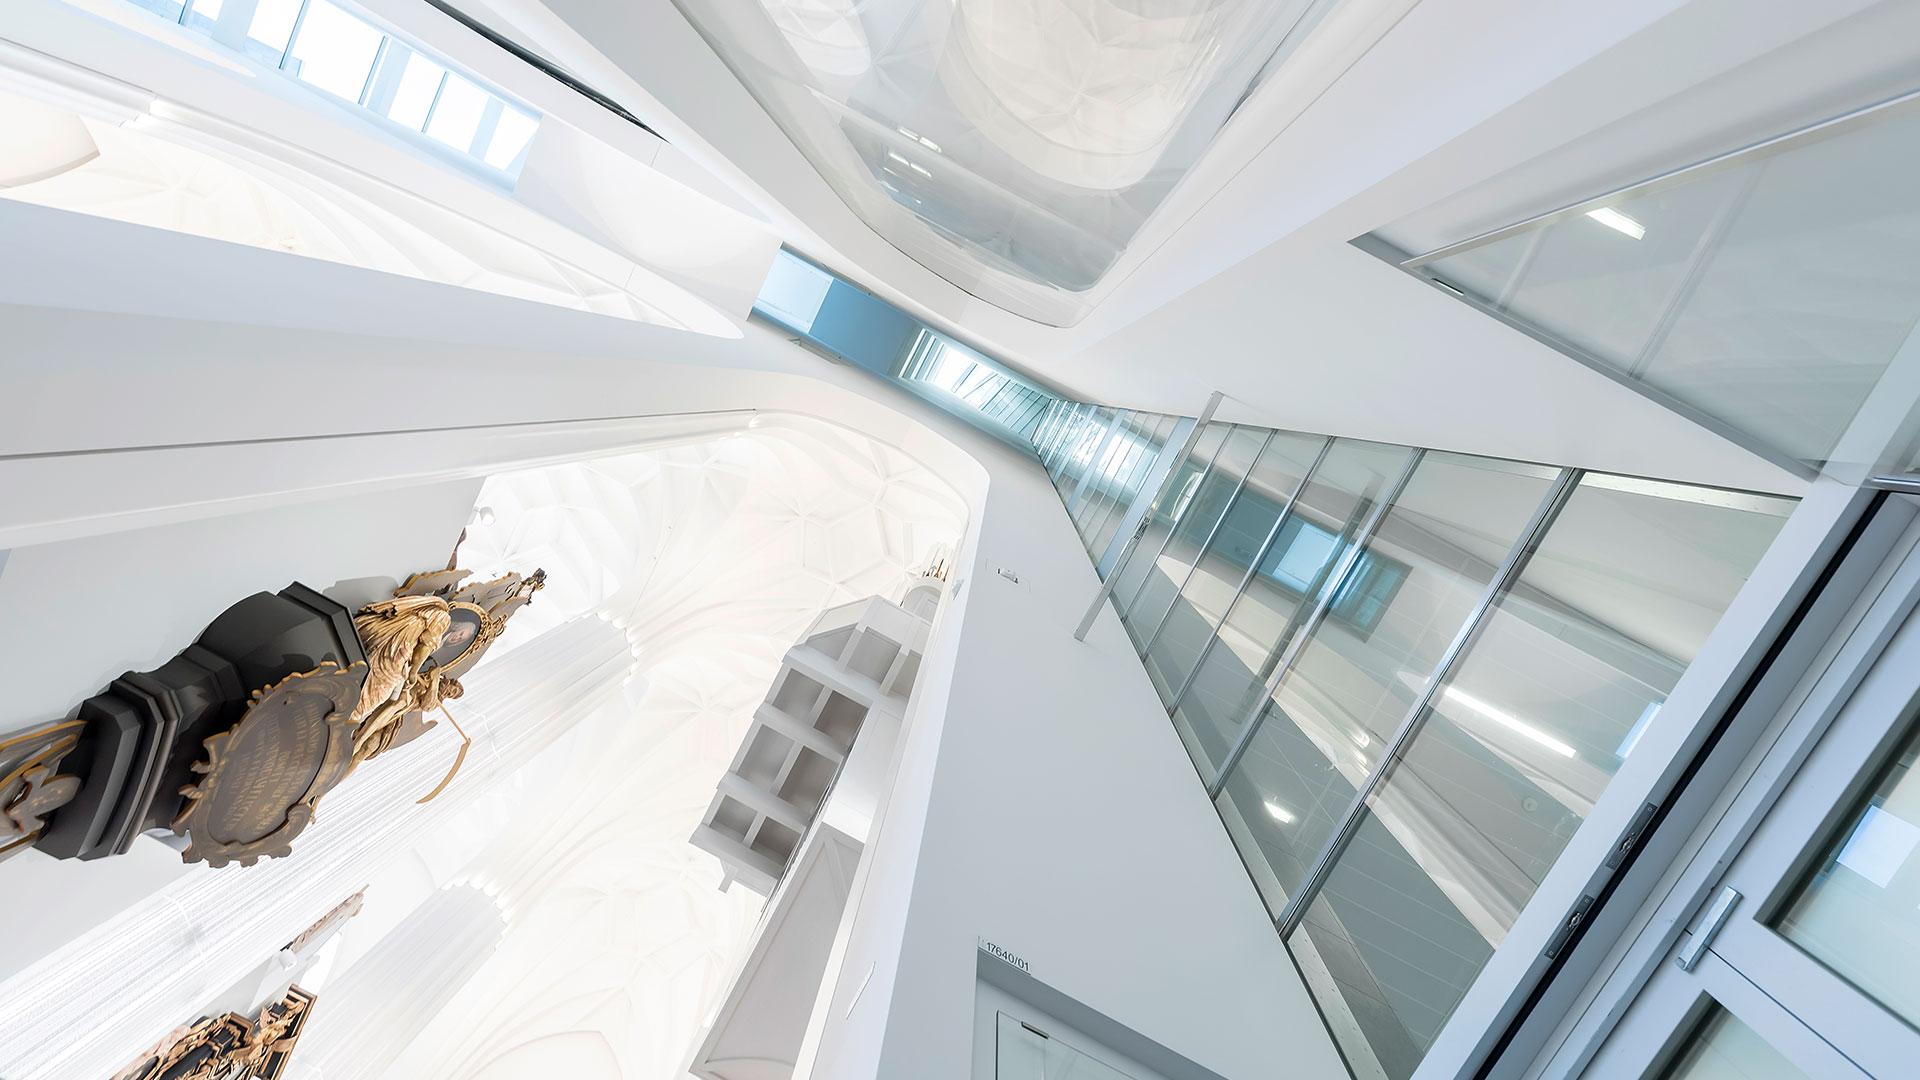 Ansicht aus der Froschperspektive: Dachverglasung der neuen Universitätskirche Leipzig.